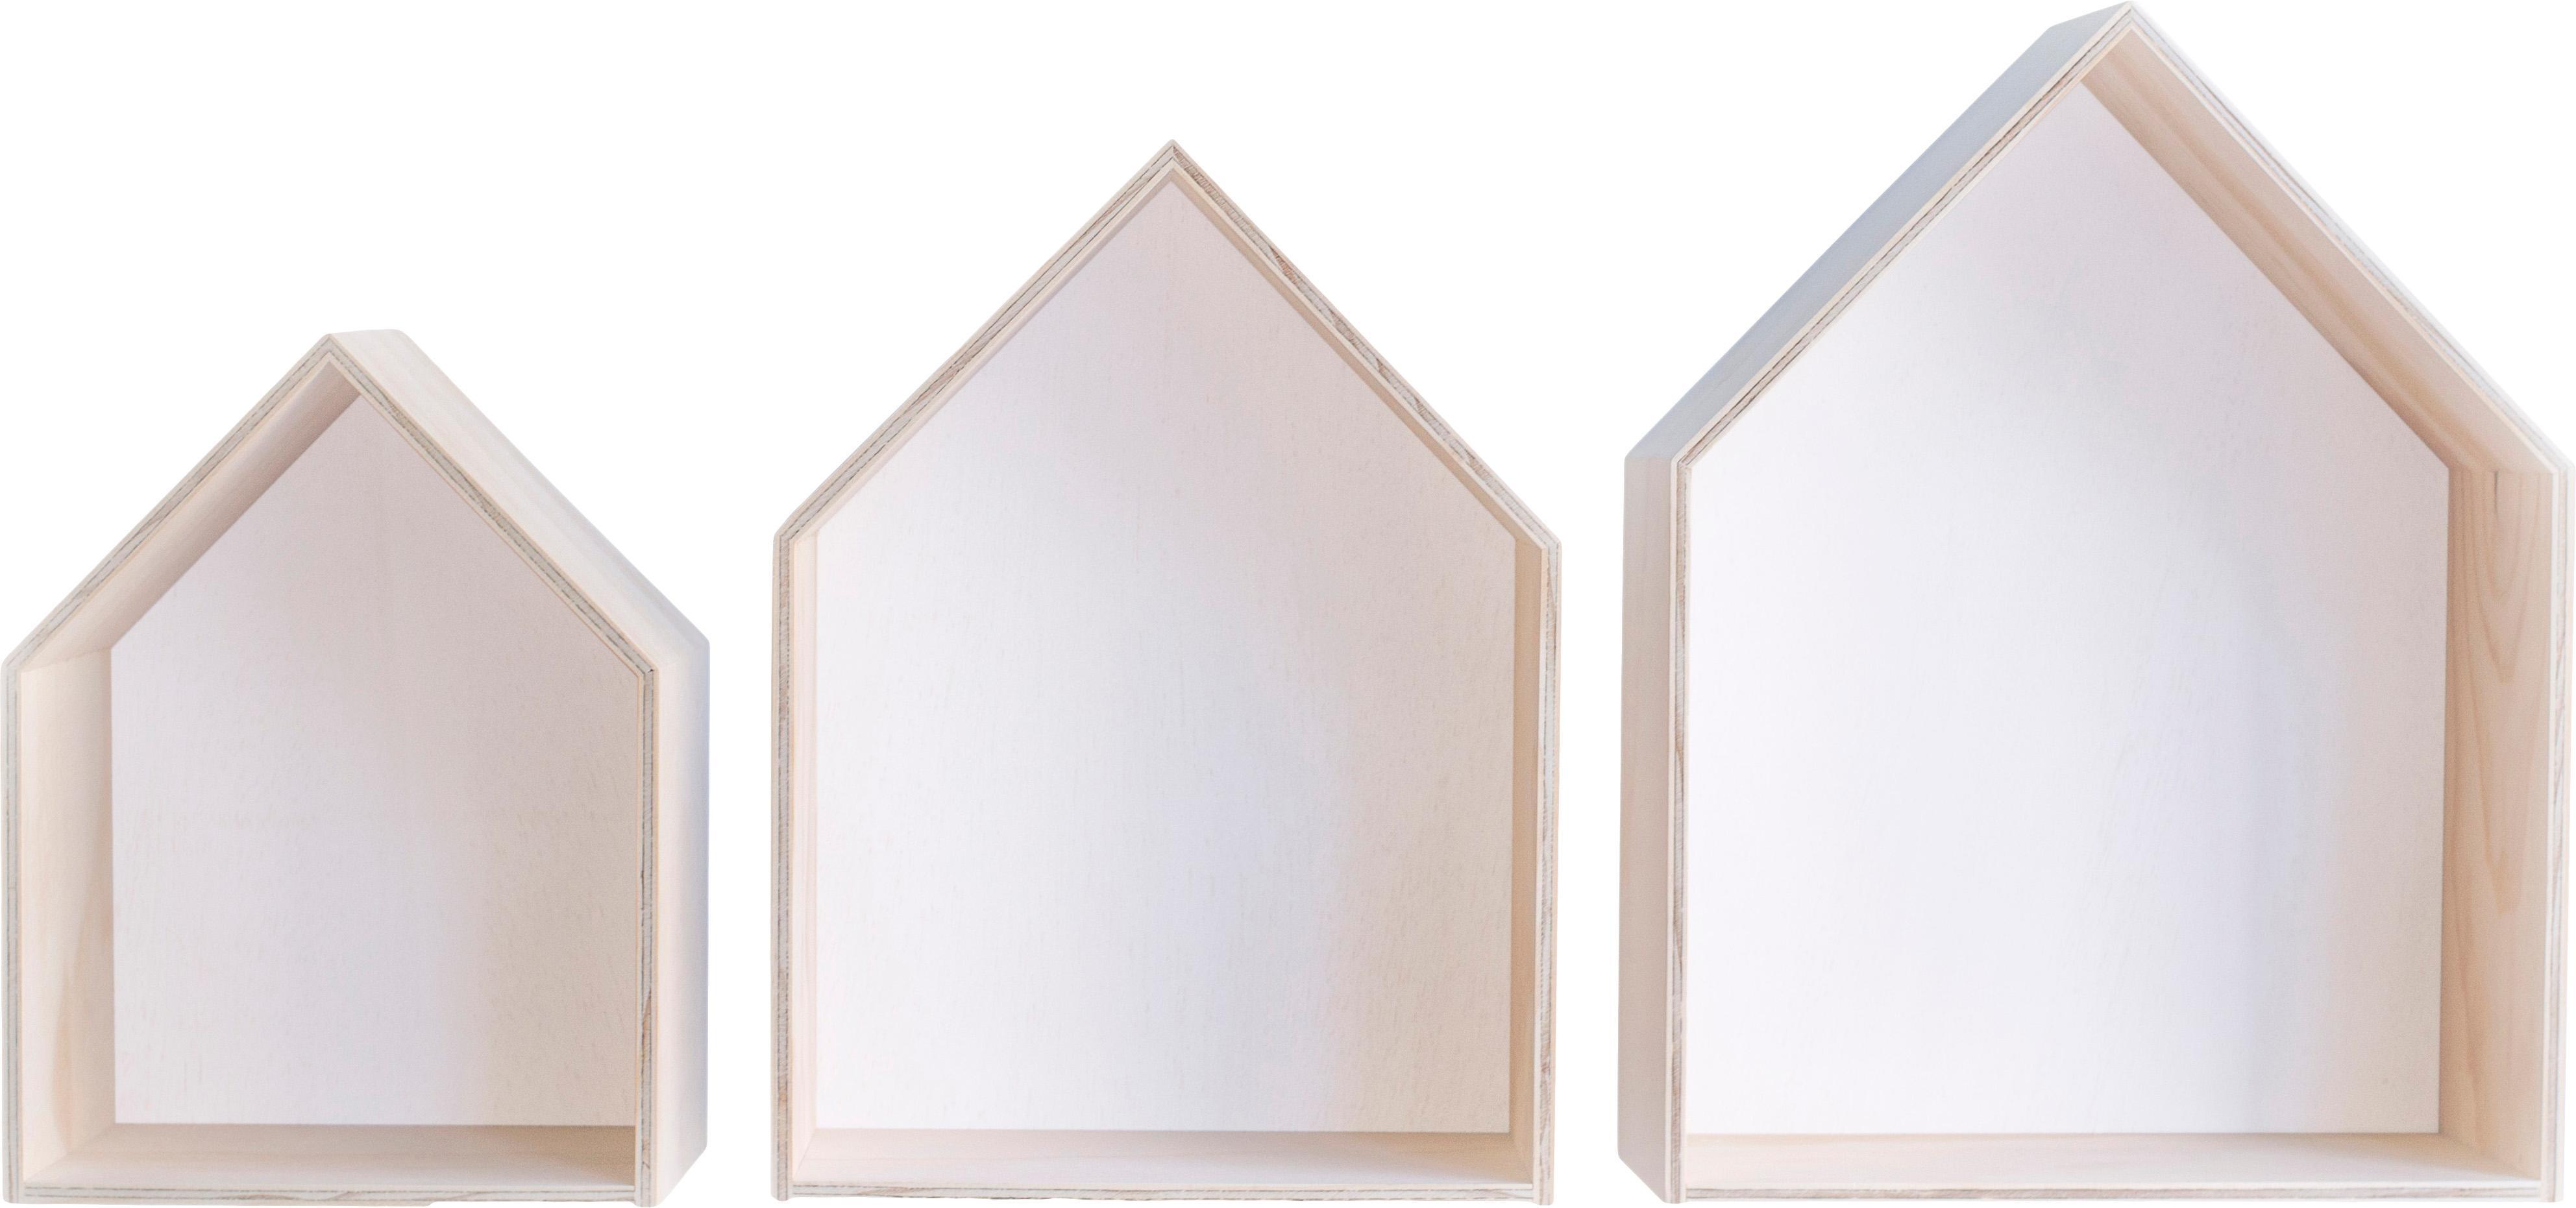 Set de estantes de pared Blanca, 3pzas., Madera contrachapada, Beige, blanco, Set de diferentes tamaños